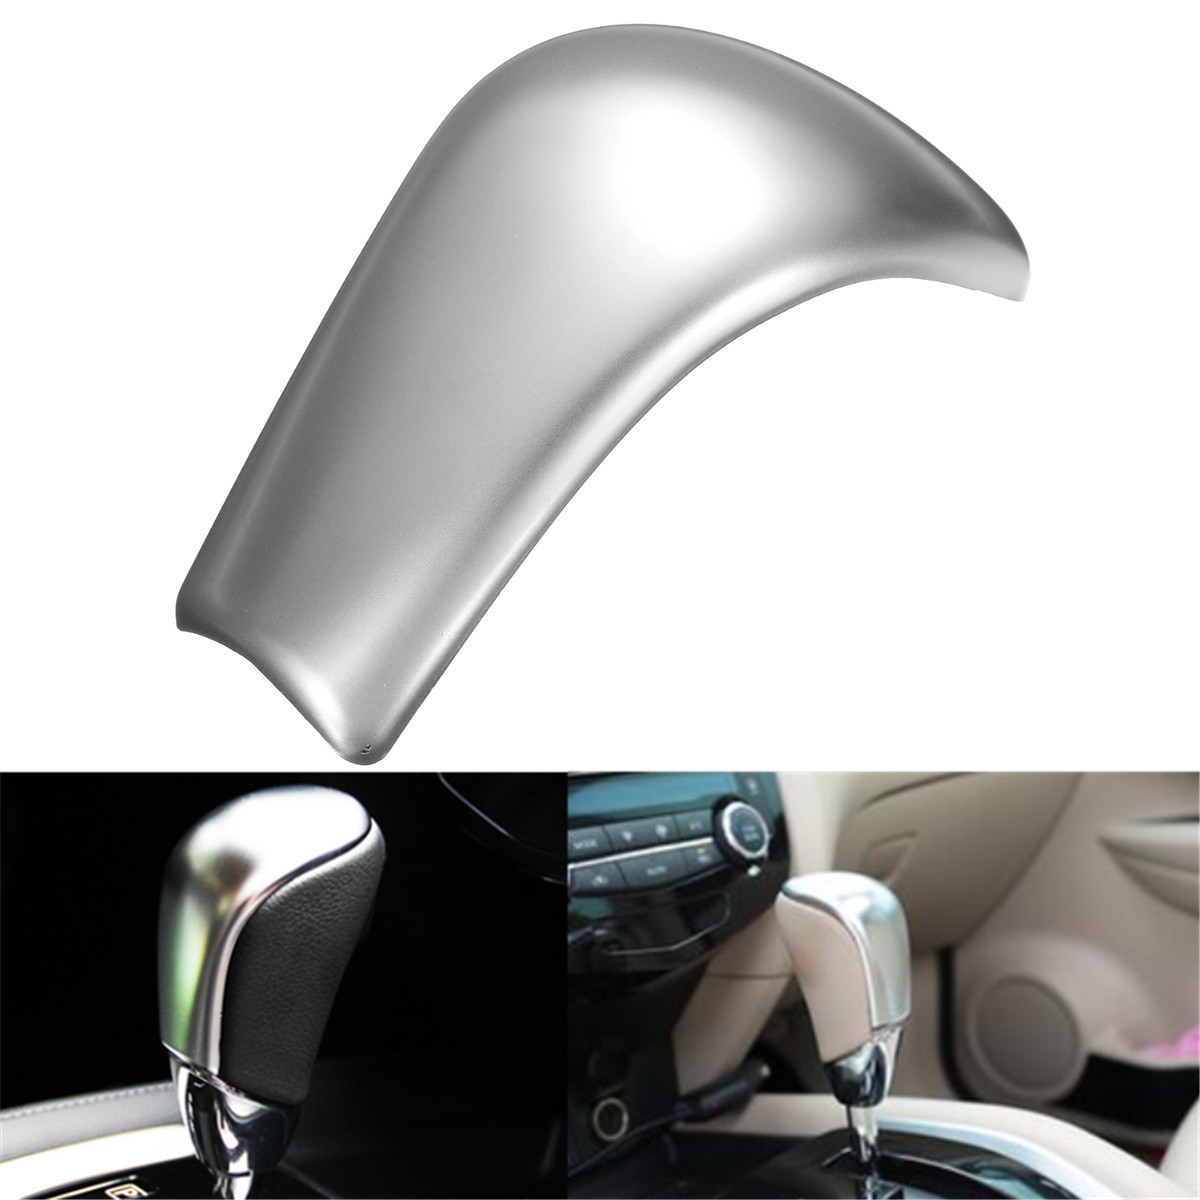 Cromado ABS de la cabeza de la perilla de la palanca de cambios del autom/óvil cromo mate Cubierta de la cabeza de la perilla del cambio de marcha del coche